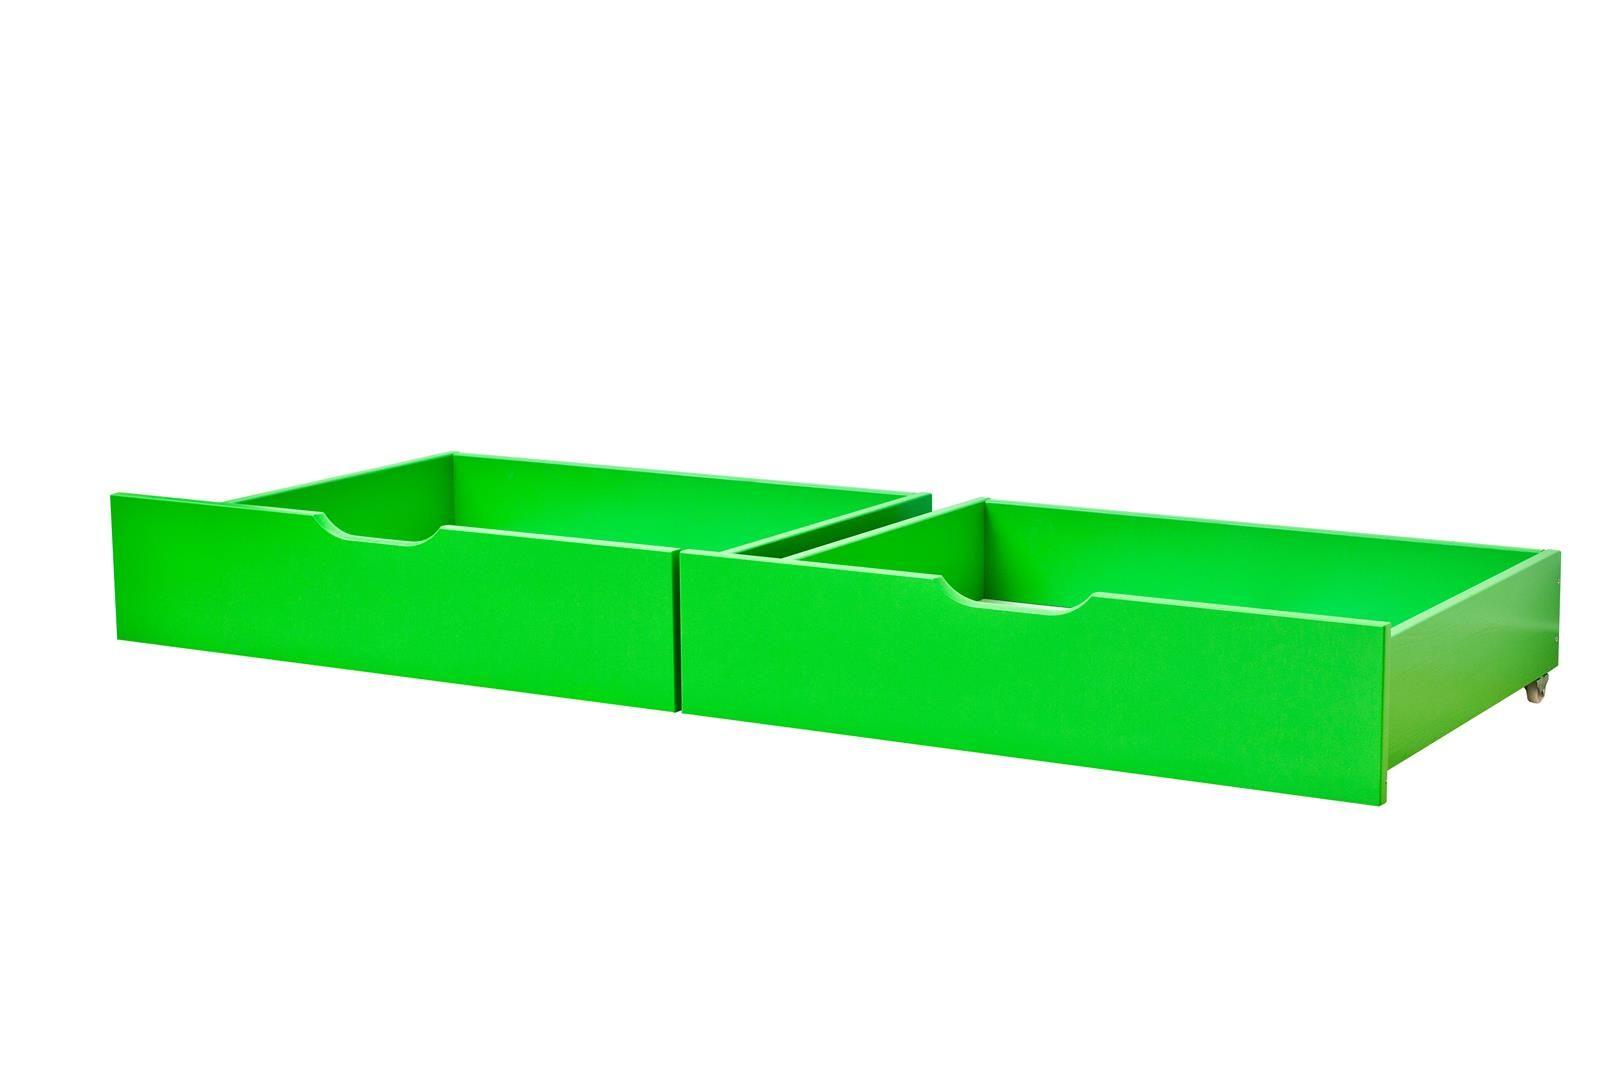 Sengeskuffesæt fra Hoppekids - Classic Green (153x60)